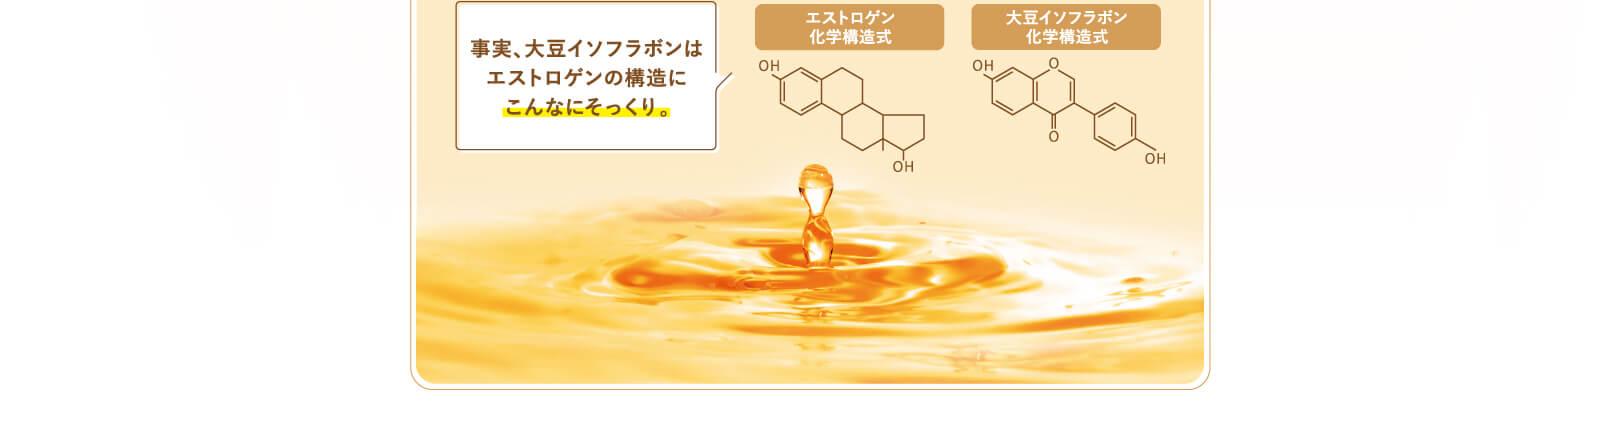 事実、大豆イソフラボンはエストロゲンの構造にこんなにそっくり。